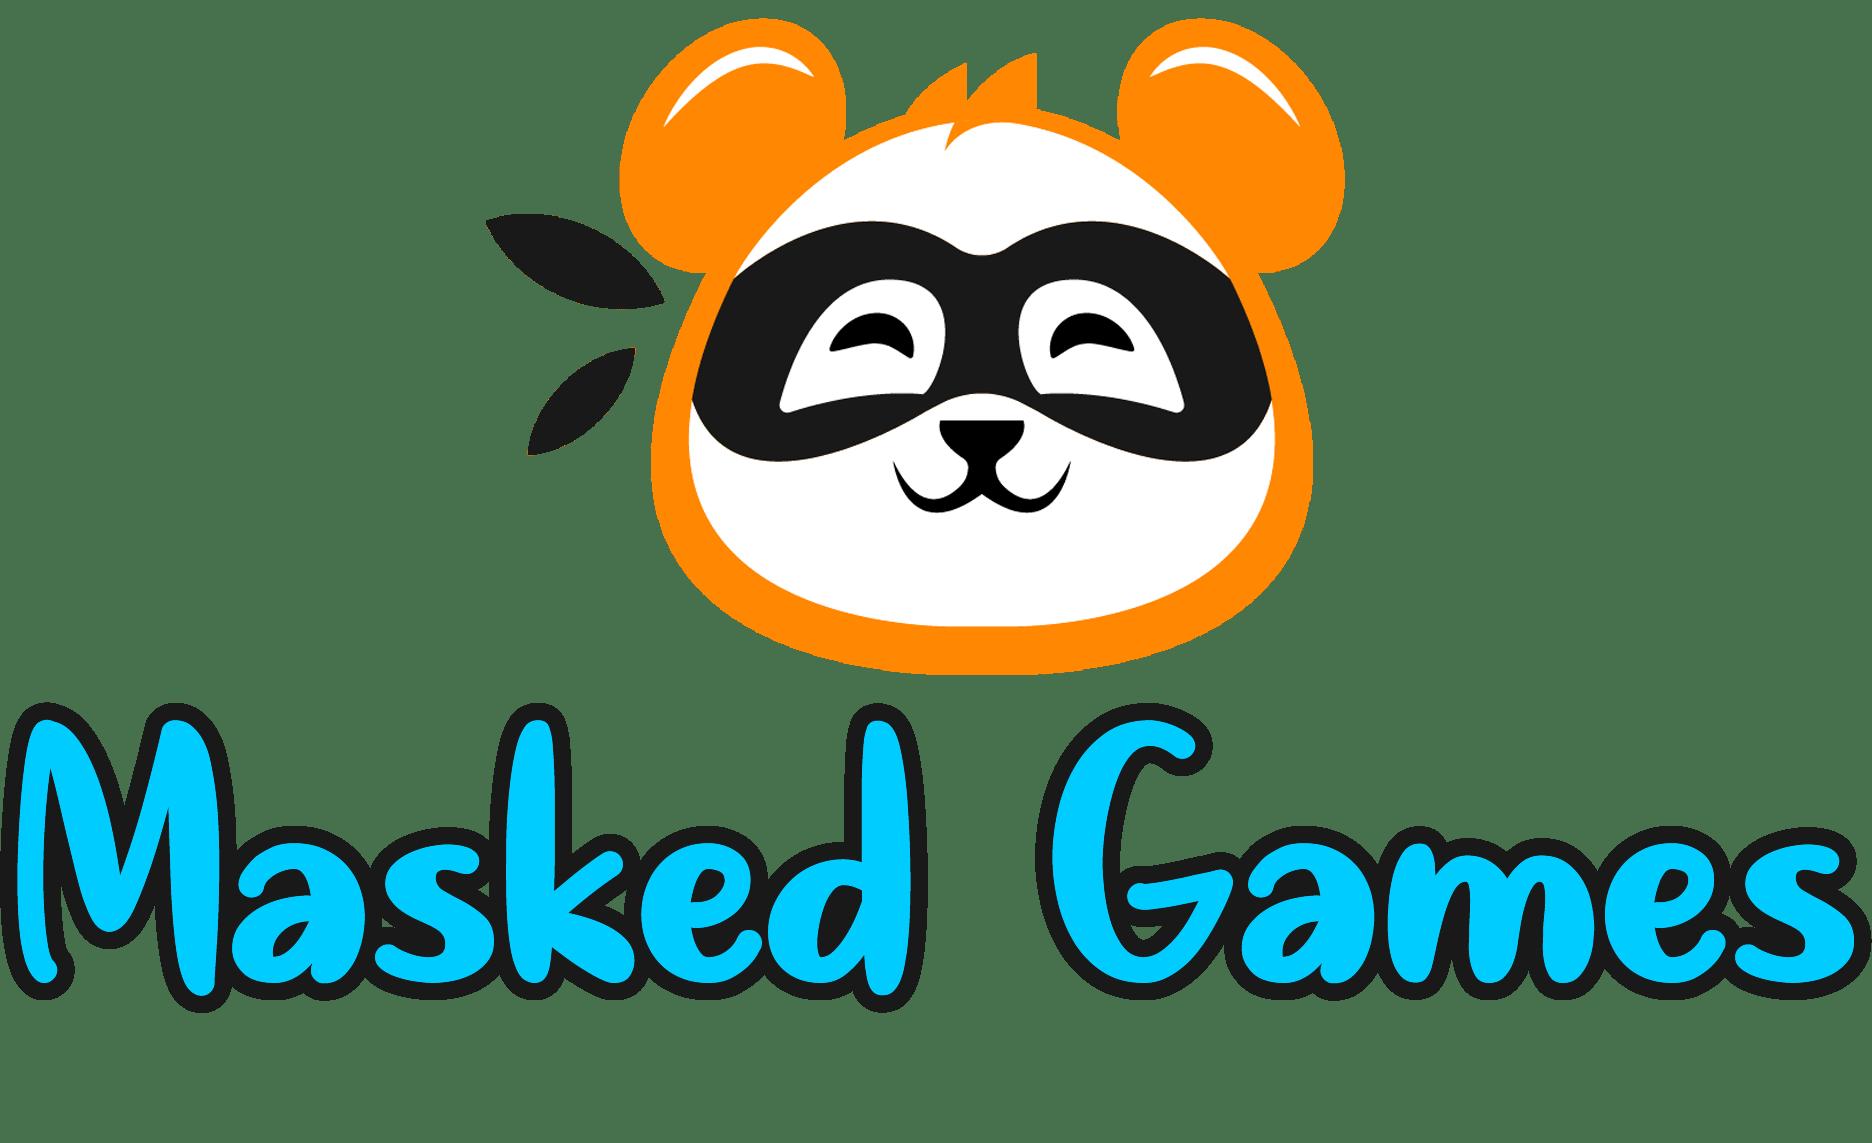 Maskedgames.com